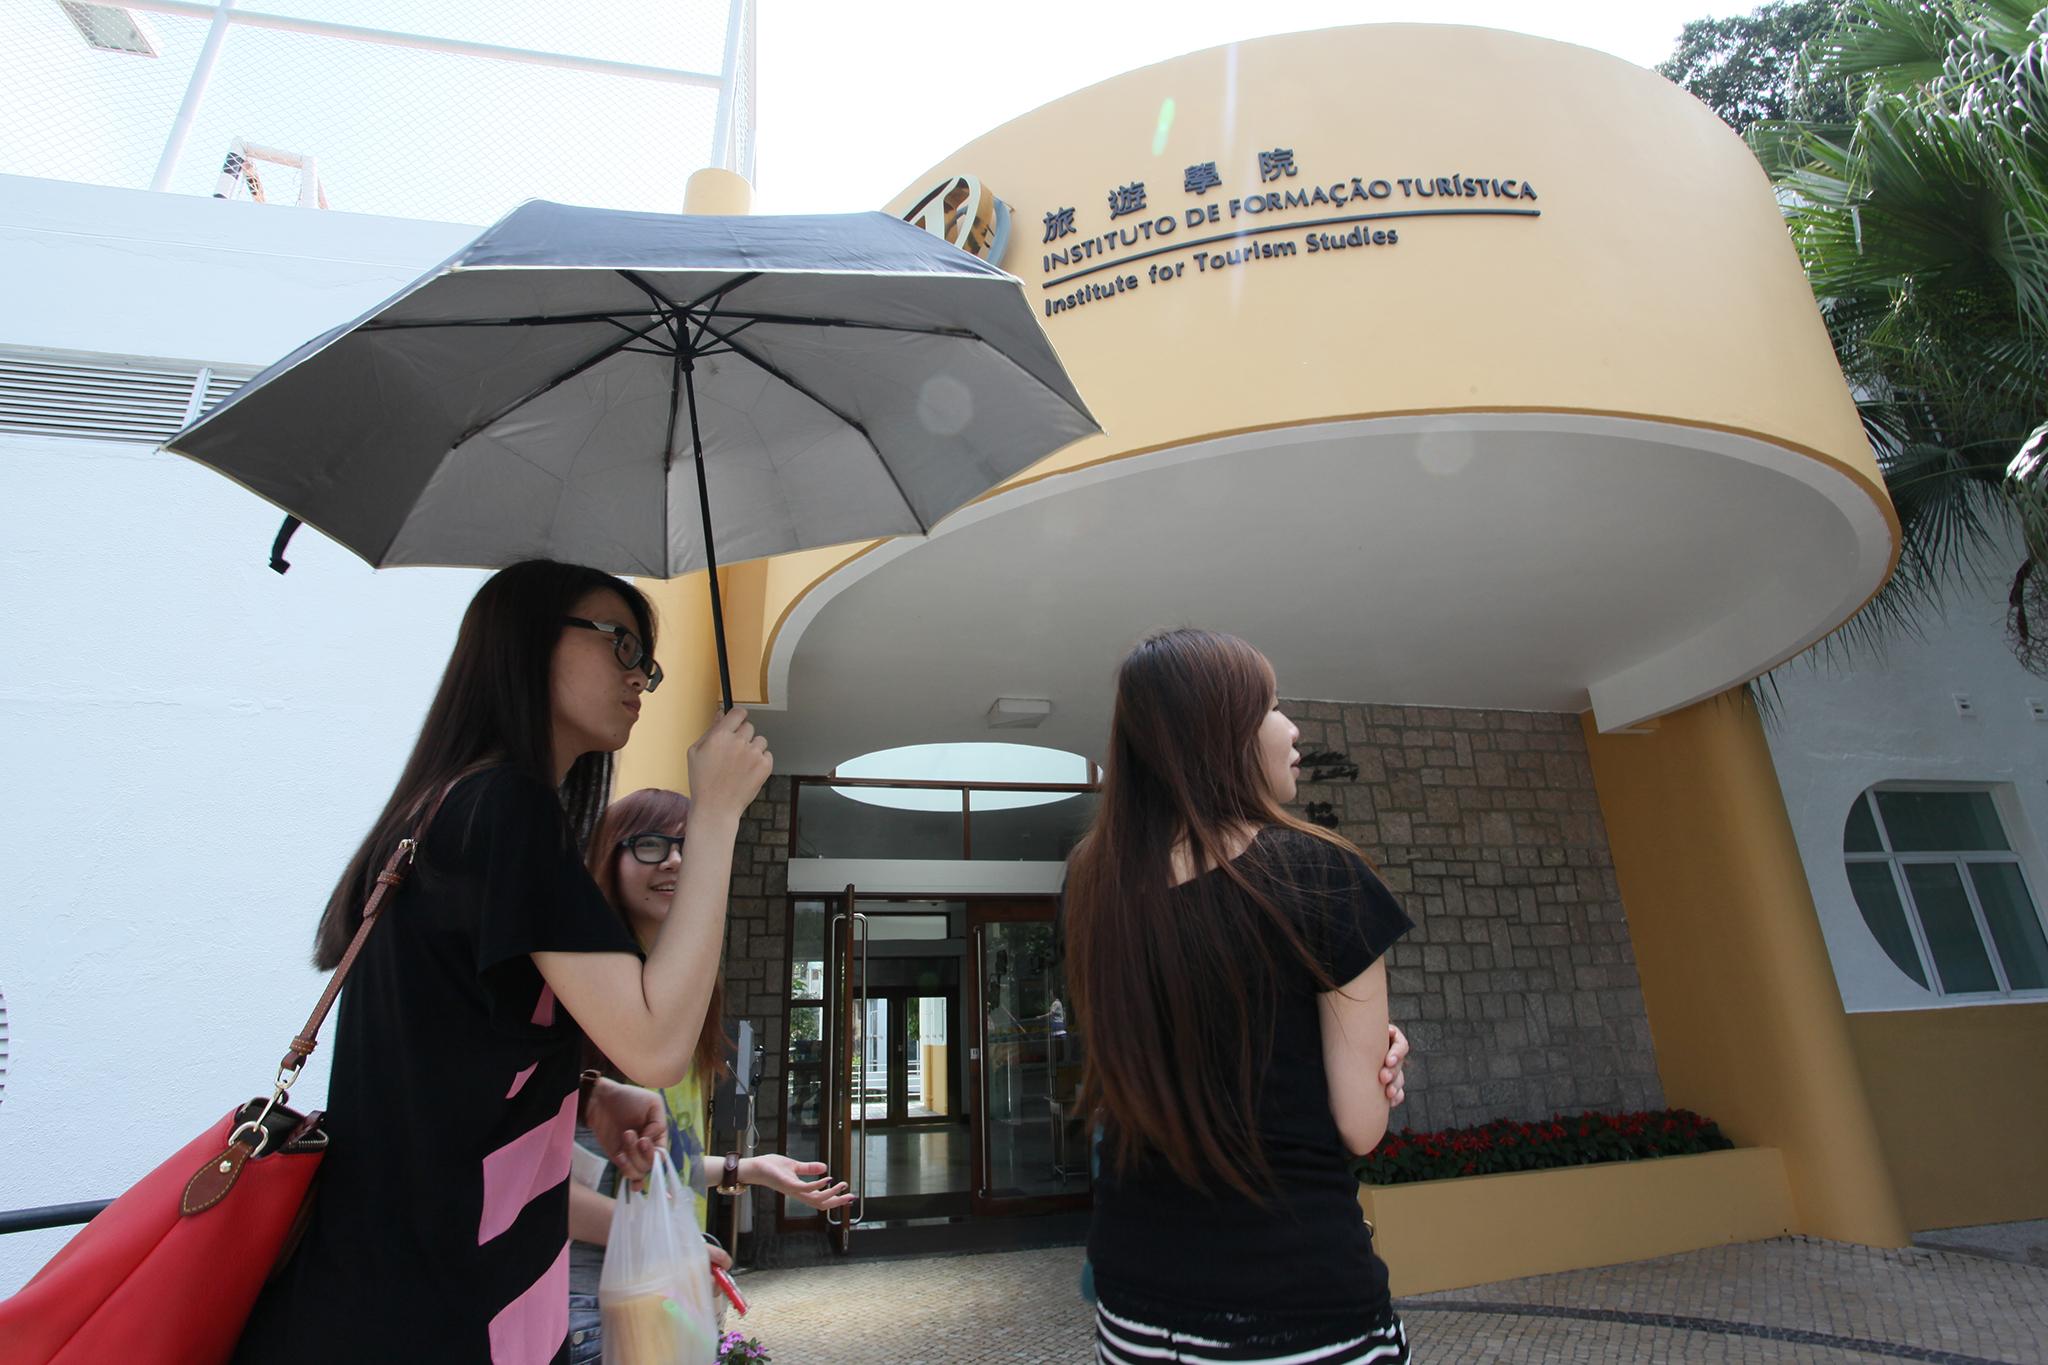 Polícia investiga alunos do IFT por apoio a manifestantes de Hong Kong